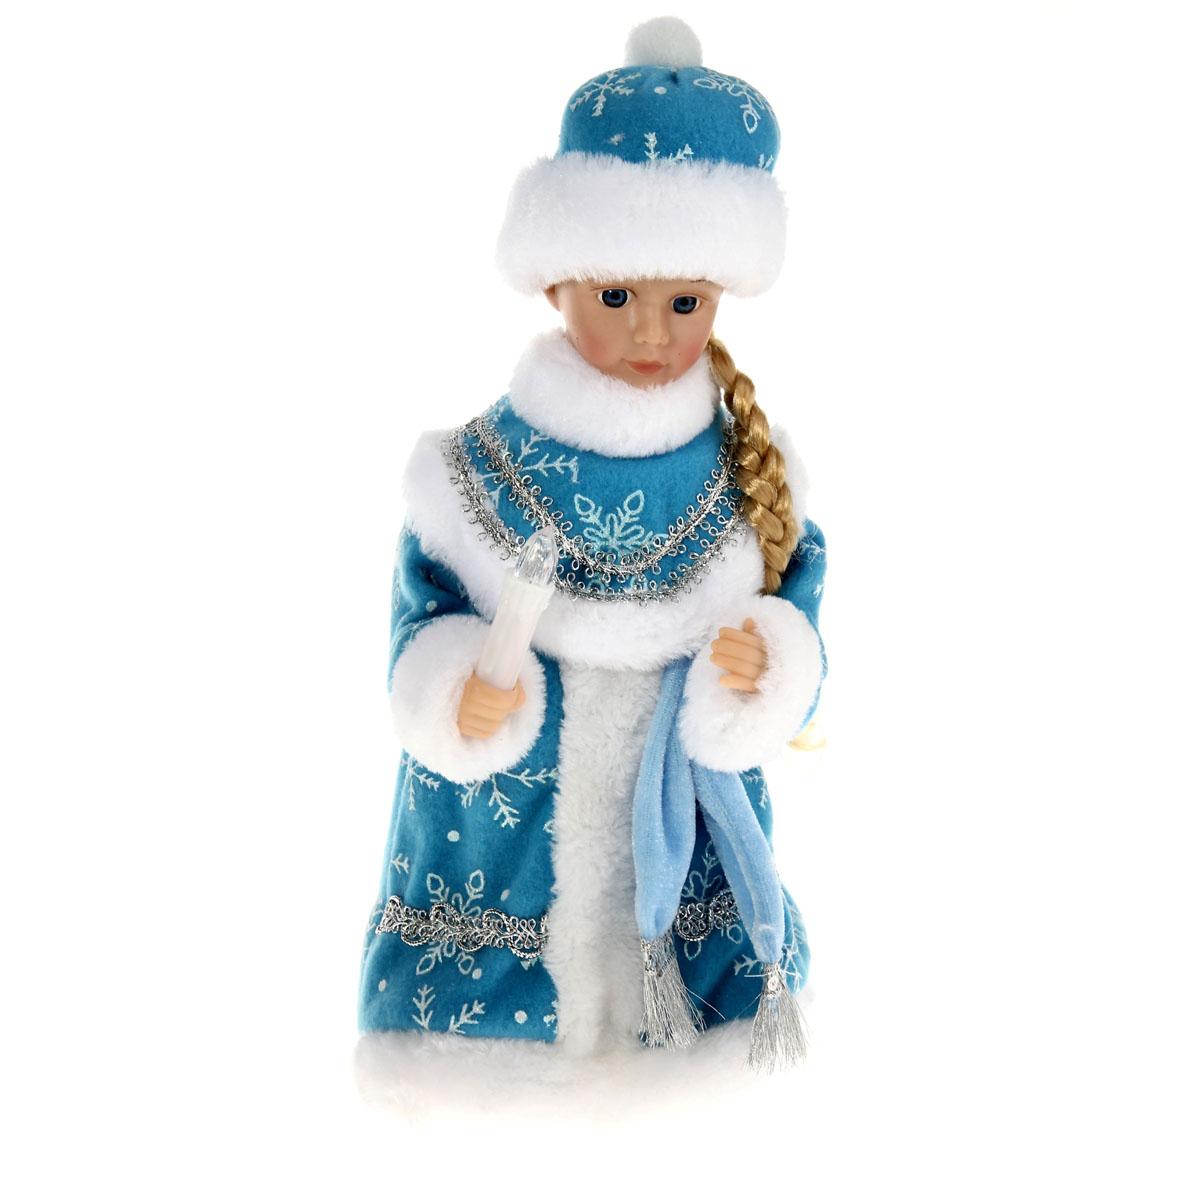 Новогодняя декоративная фигурка Sima-land Снегурочка, музыкальная, 29 см. 82783633870Новогодняя декоративная фигурка выполнена из высококачественного пластика в виде Снегурочки. Снегурочка одета в шубу с опушкой, украшенную снежинками и декоративной тесьмой. На голове шапка в цвет шубы. В руке Снегурочка держит свечку. Кукла стоит на пластиковой подставке. Особенностью фигурки является наличие механизма, при включении которого начинает играть новогодняя мелодия, свечка светится, а голова и руки Снегурочки начинают двигаться. Ее добрый вид и очаровательная улыбка притягивают к себе восторженные взгляды. Декоративная фигурка Снегурочка подойдет для оформления новогоднего интерьера и принесет с собой атмосферу радости и веселья. УВАЖАЕМЫЕ КЛИЕНТЫ!Обращаем ваше внимание на тот факт, что декоративная фигурка работает от трех батареек типа АА напряжением 1,5V. Батарейки в комплект не входят.